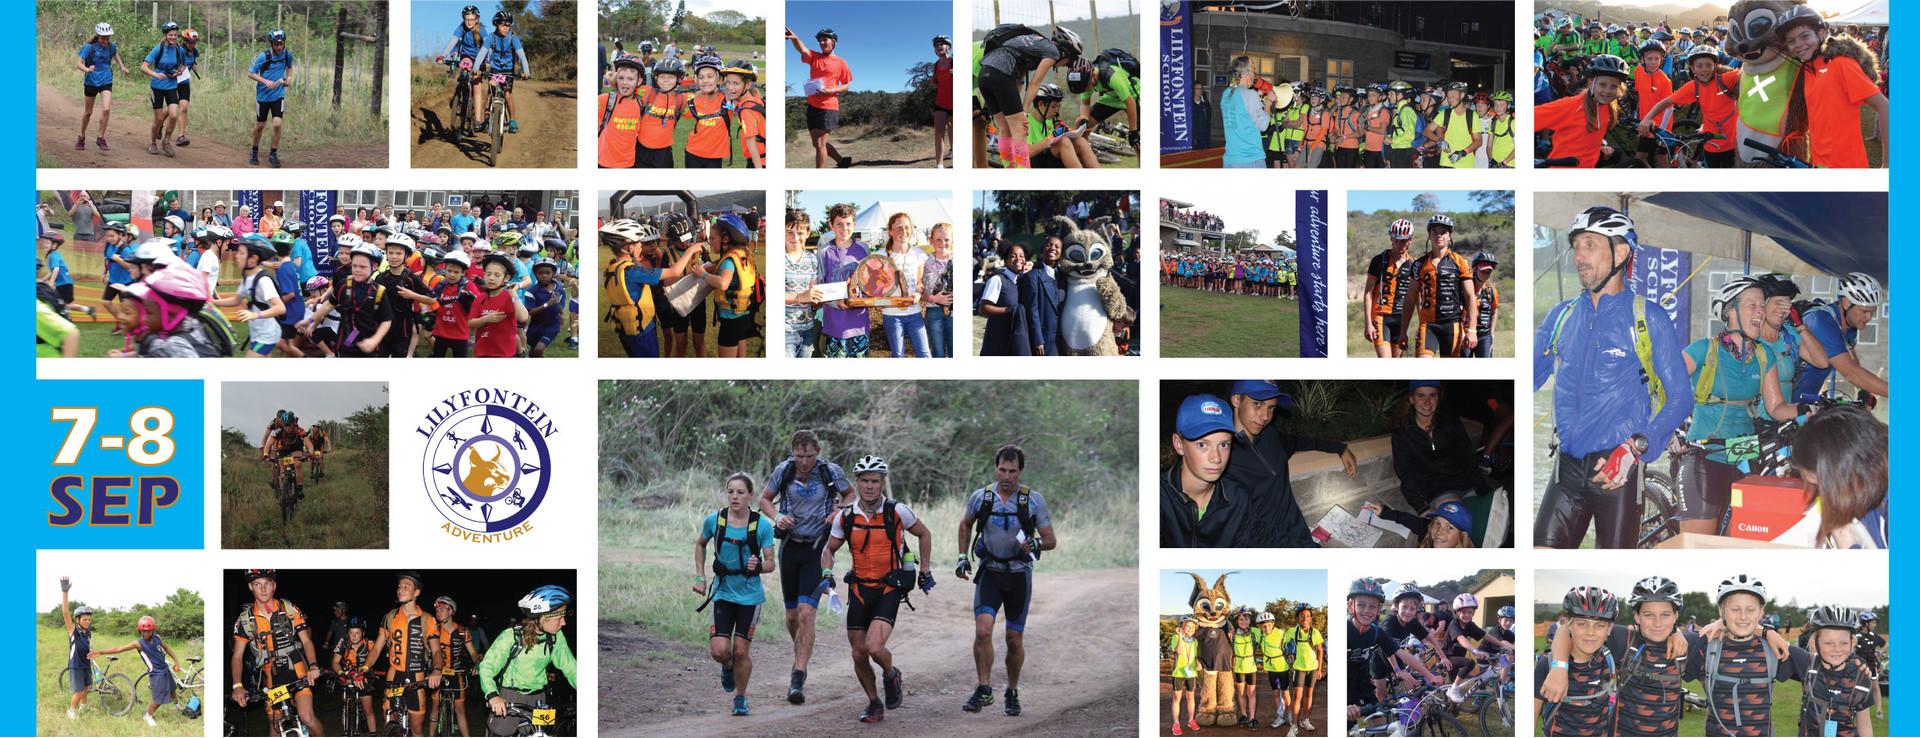 Adventure race 2018